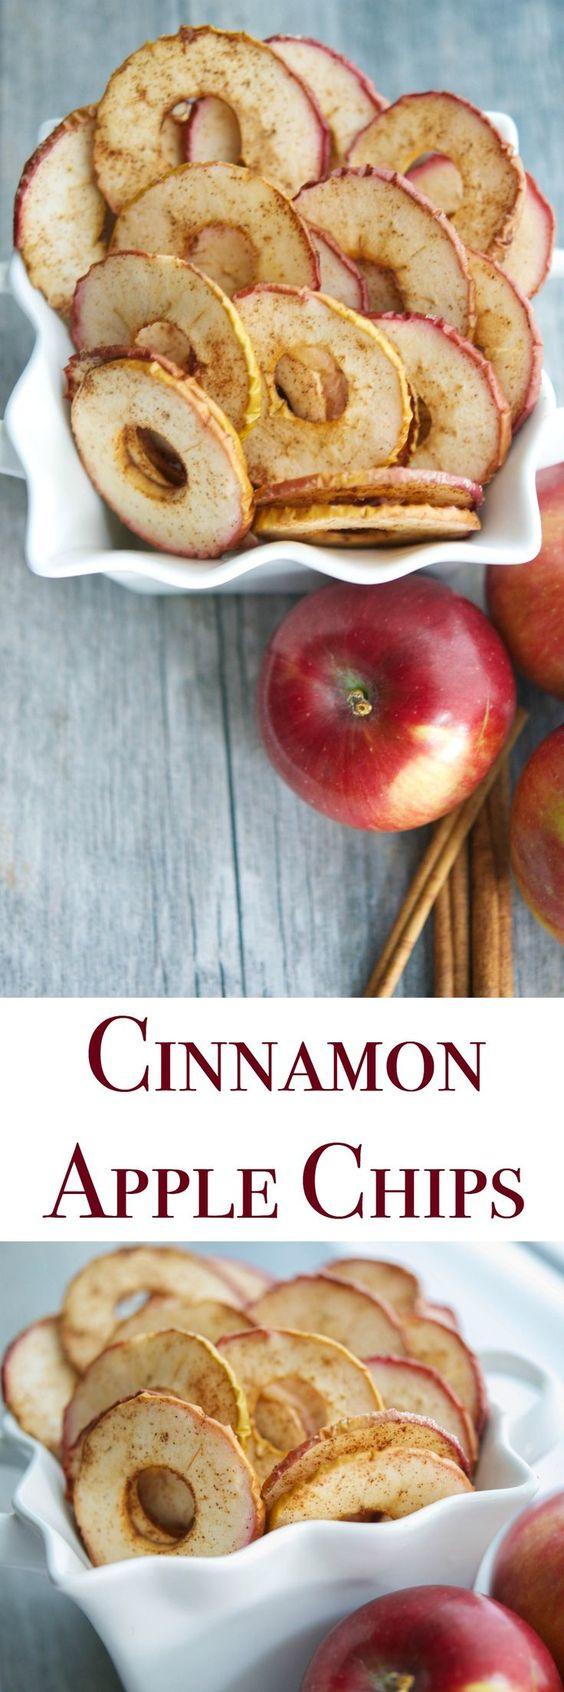 Яблочные сушки с корицей